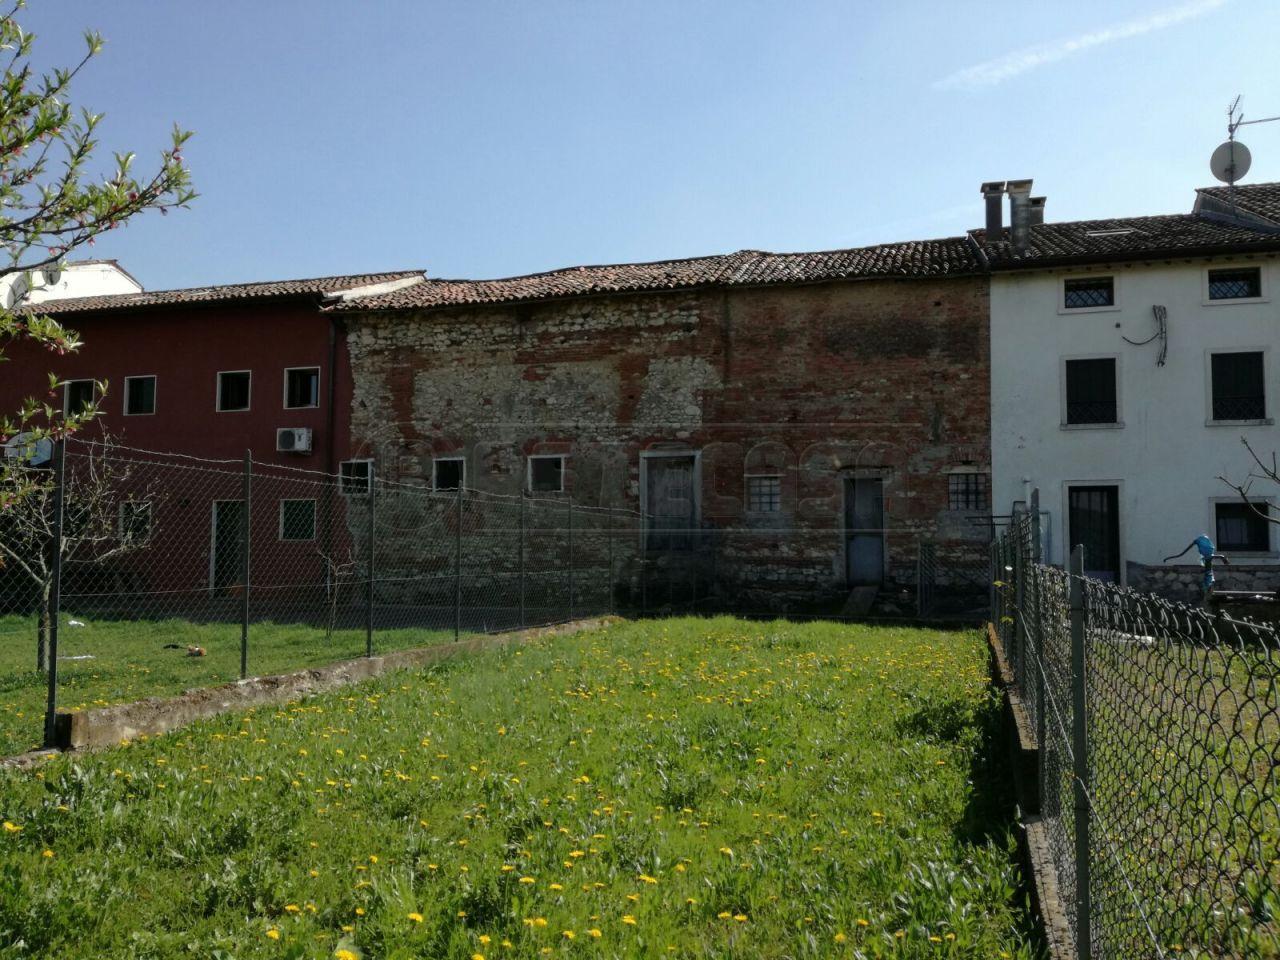 Rustico / Casale in vendita a Vicenza, 9999 locali, prezzo € 80.000 | Cambio Casa.it